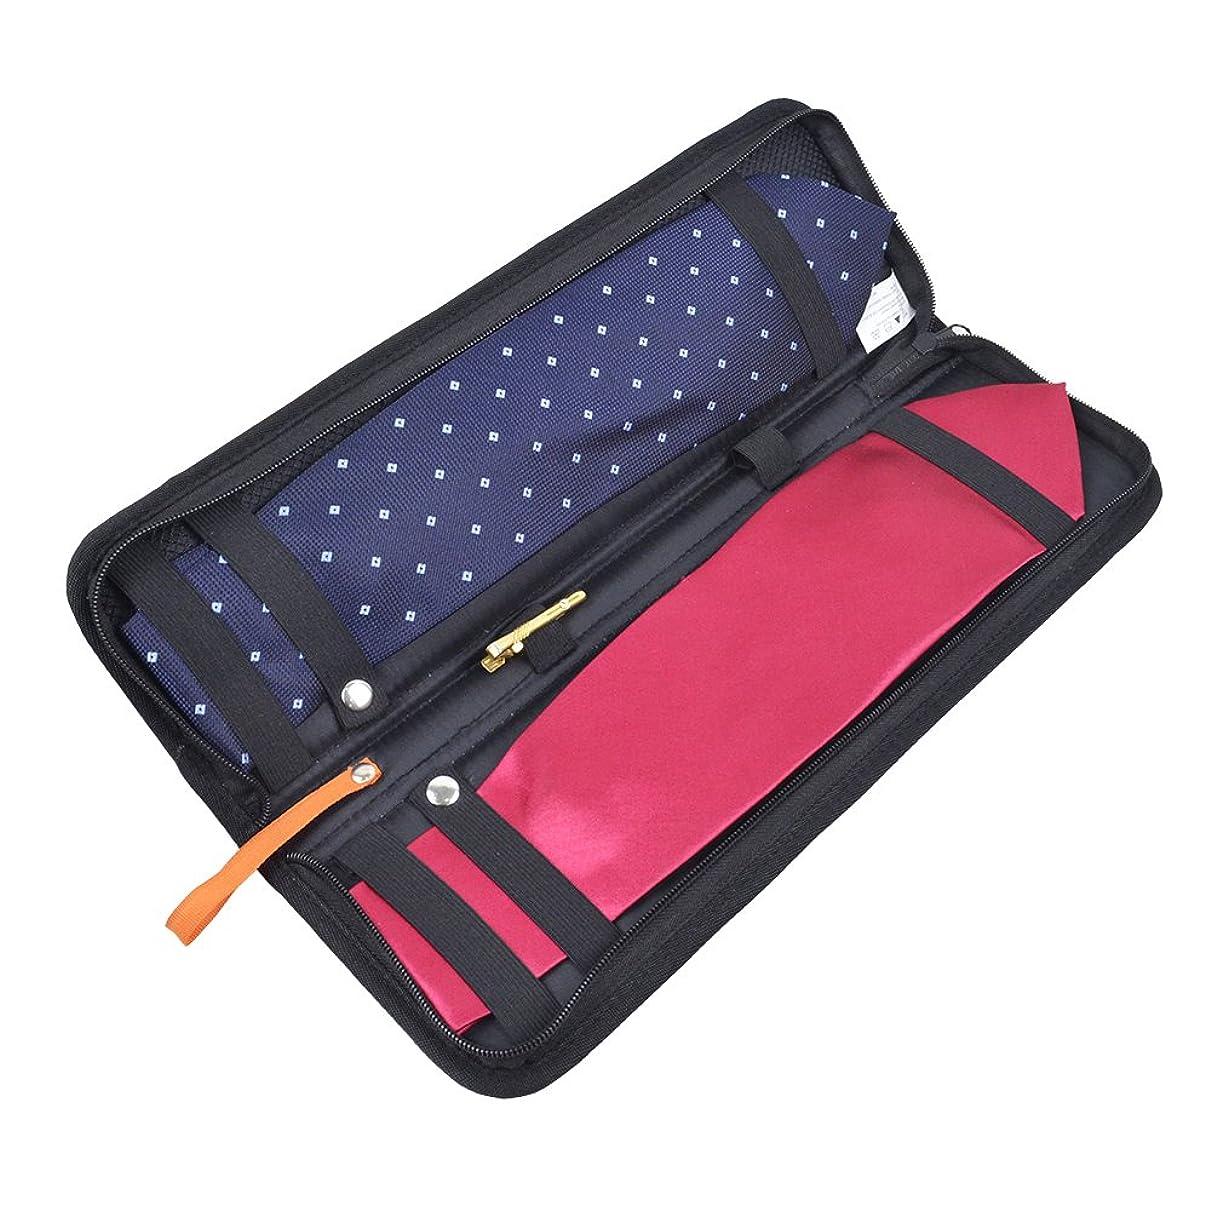 どうやら仮定情熱的ネクタイケース Abestbox? 男性用 出張 旅行 型崩れ防止 2本収納可能 携帯収納バッグ トラベル ペレゼント